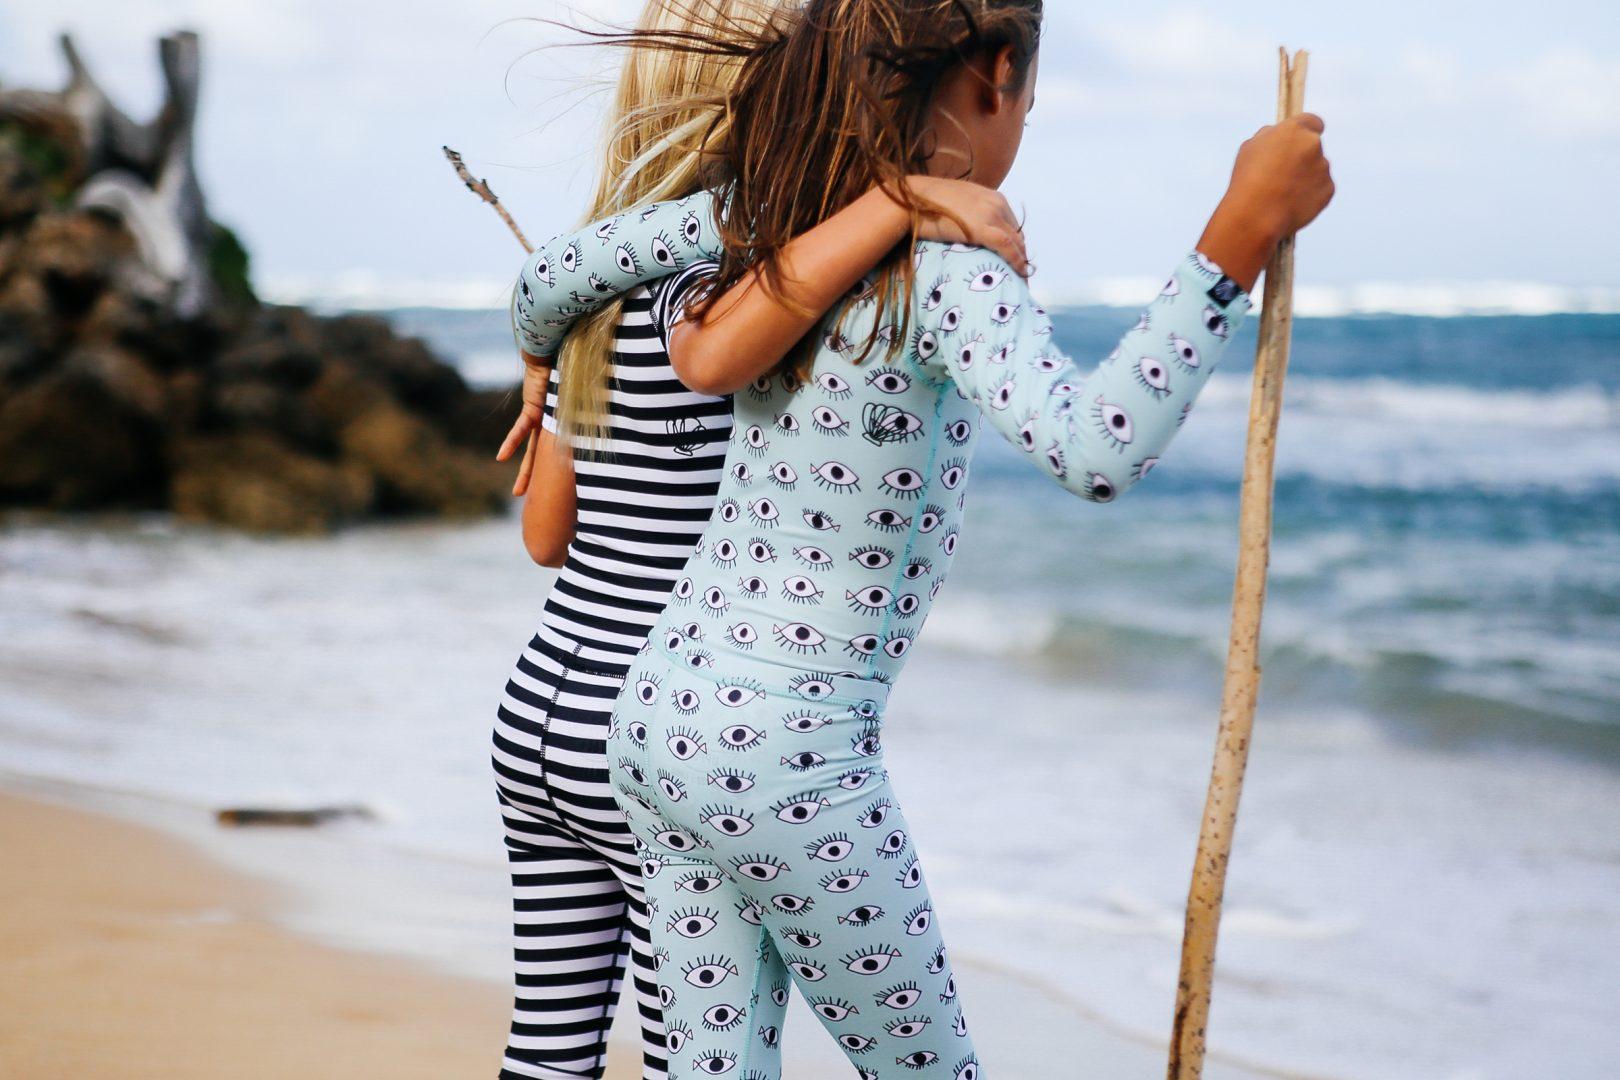 bandit fisheye suits legging - 5 tips tijdens zonnig weer